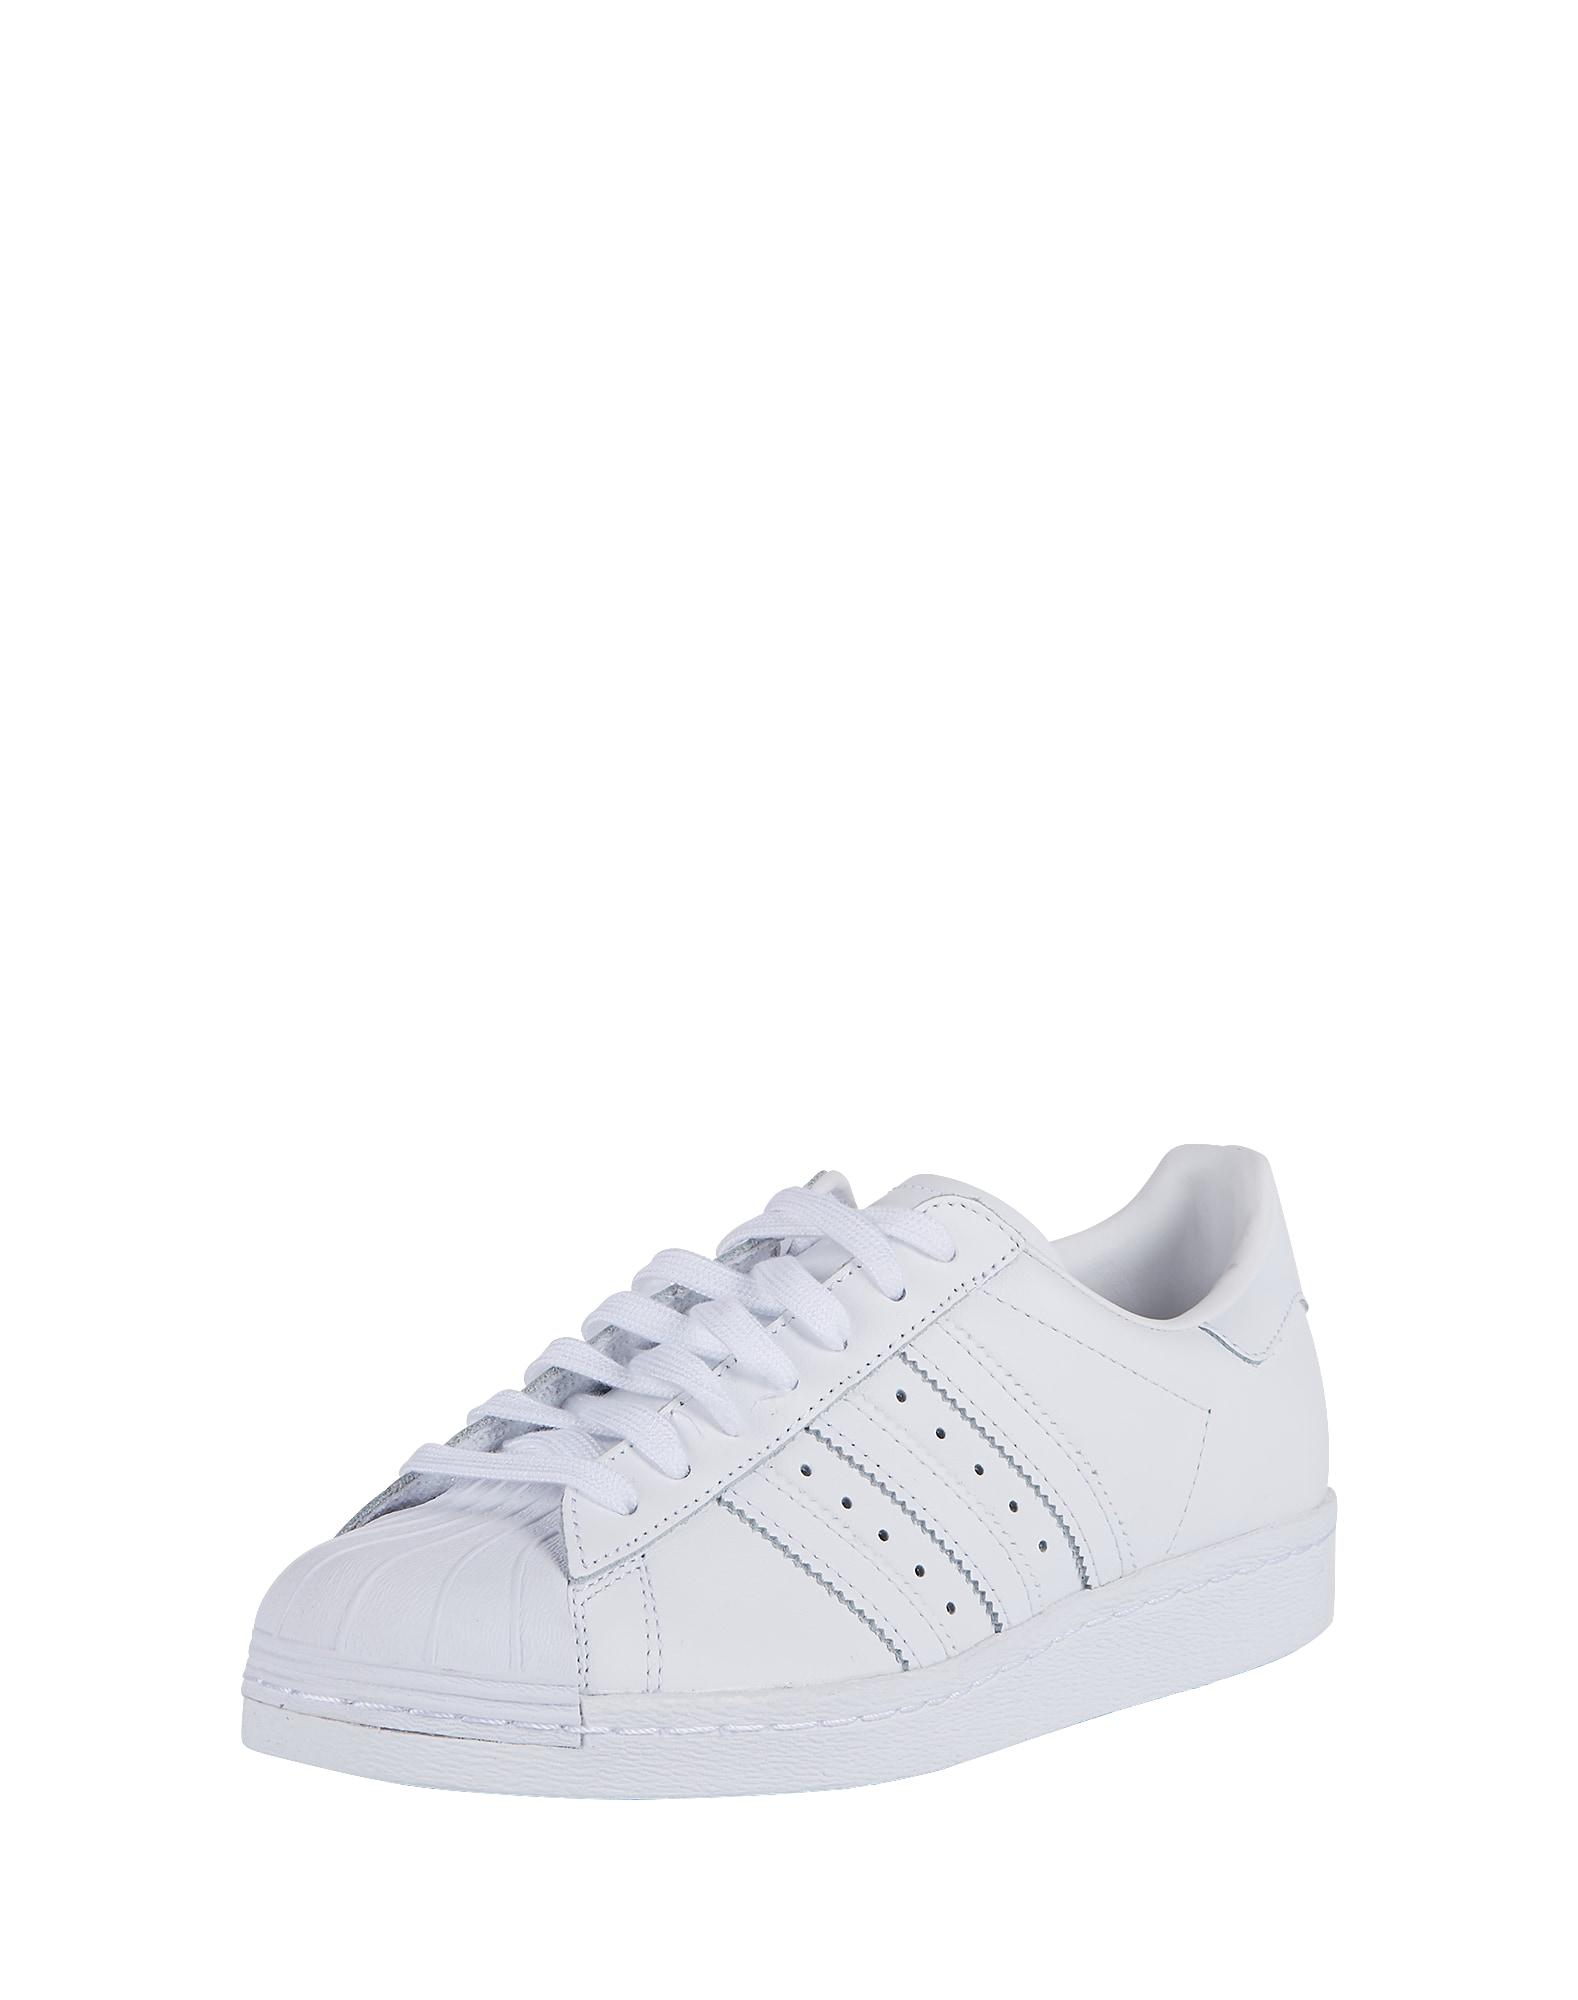 ADIDAS ORIGINALS, Heren Sneakers laag 'SUPERSTAR 80s', wit